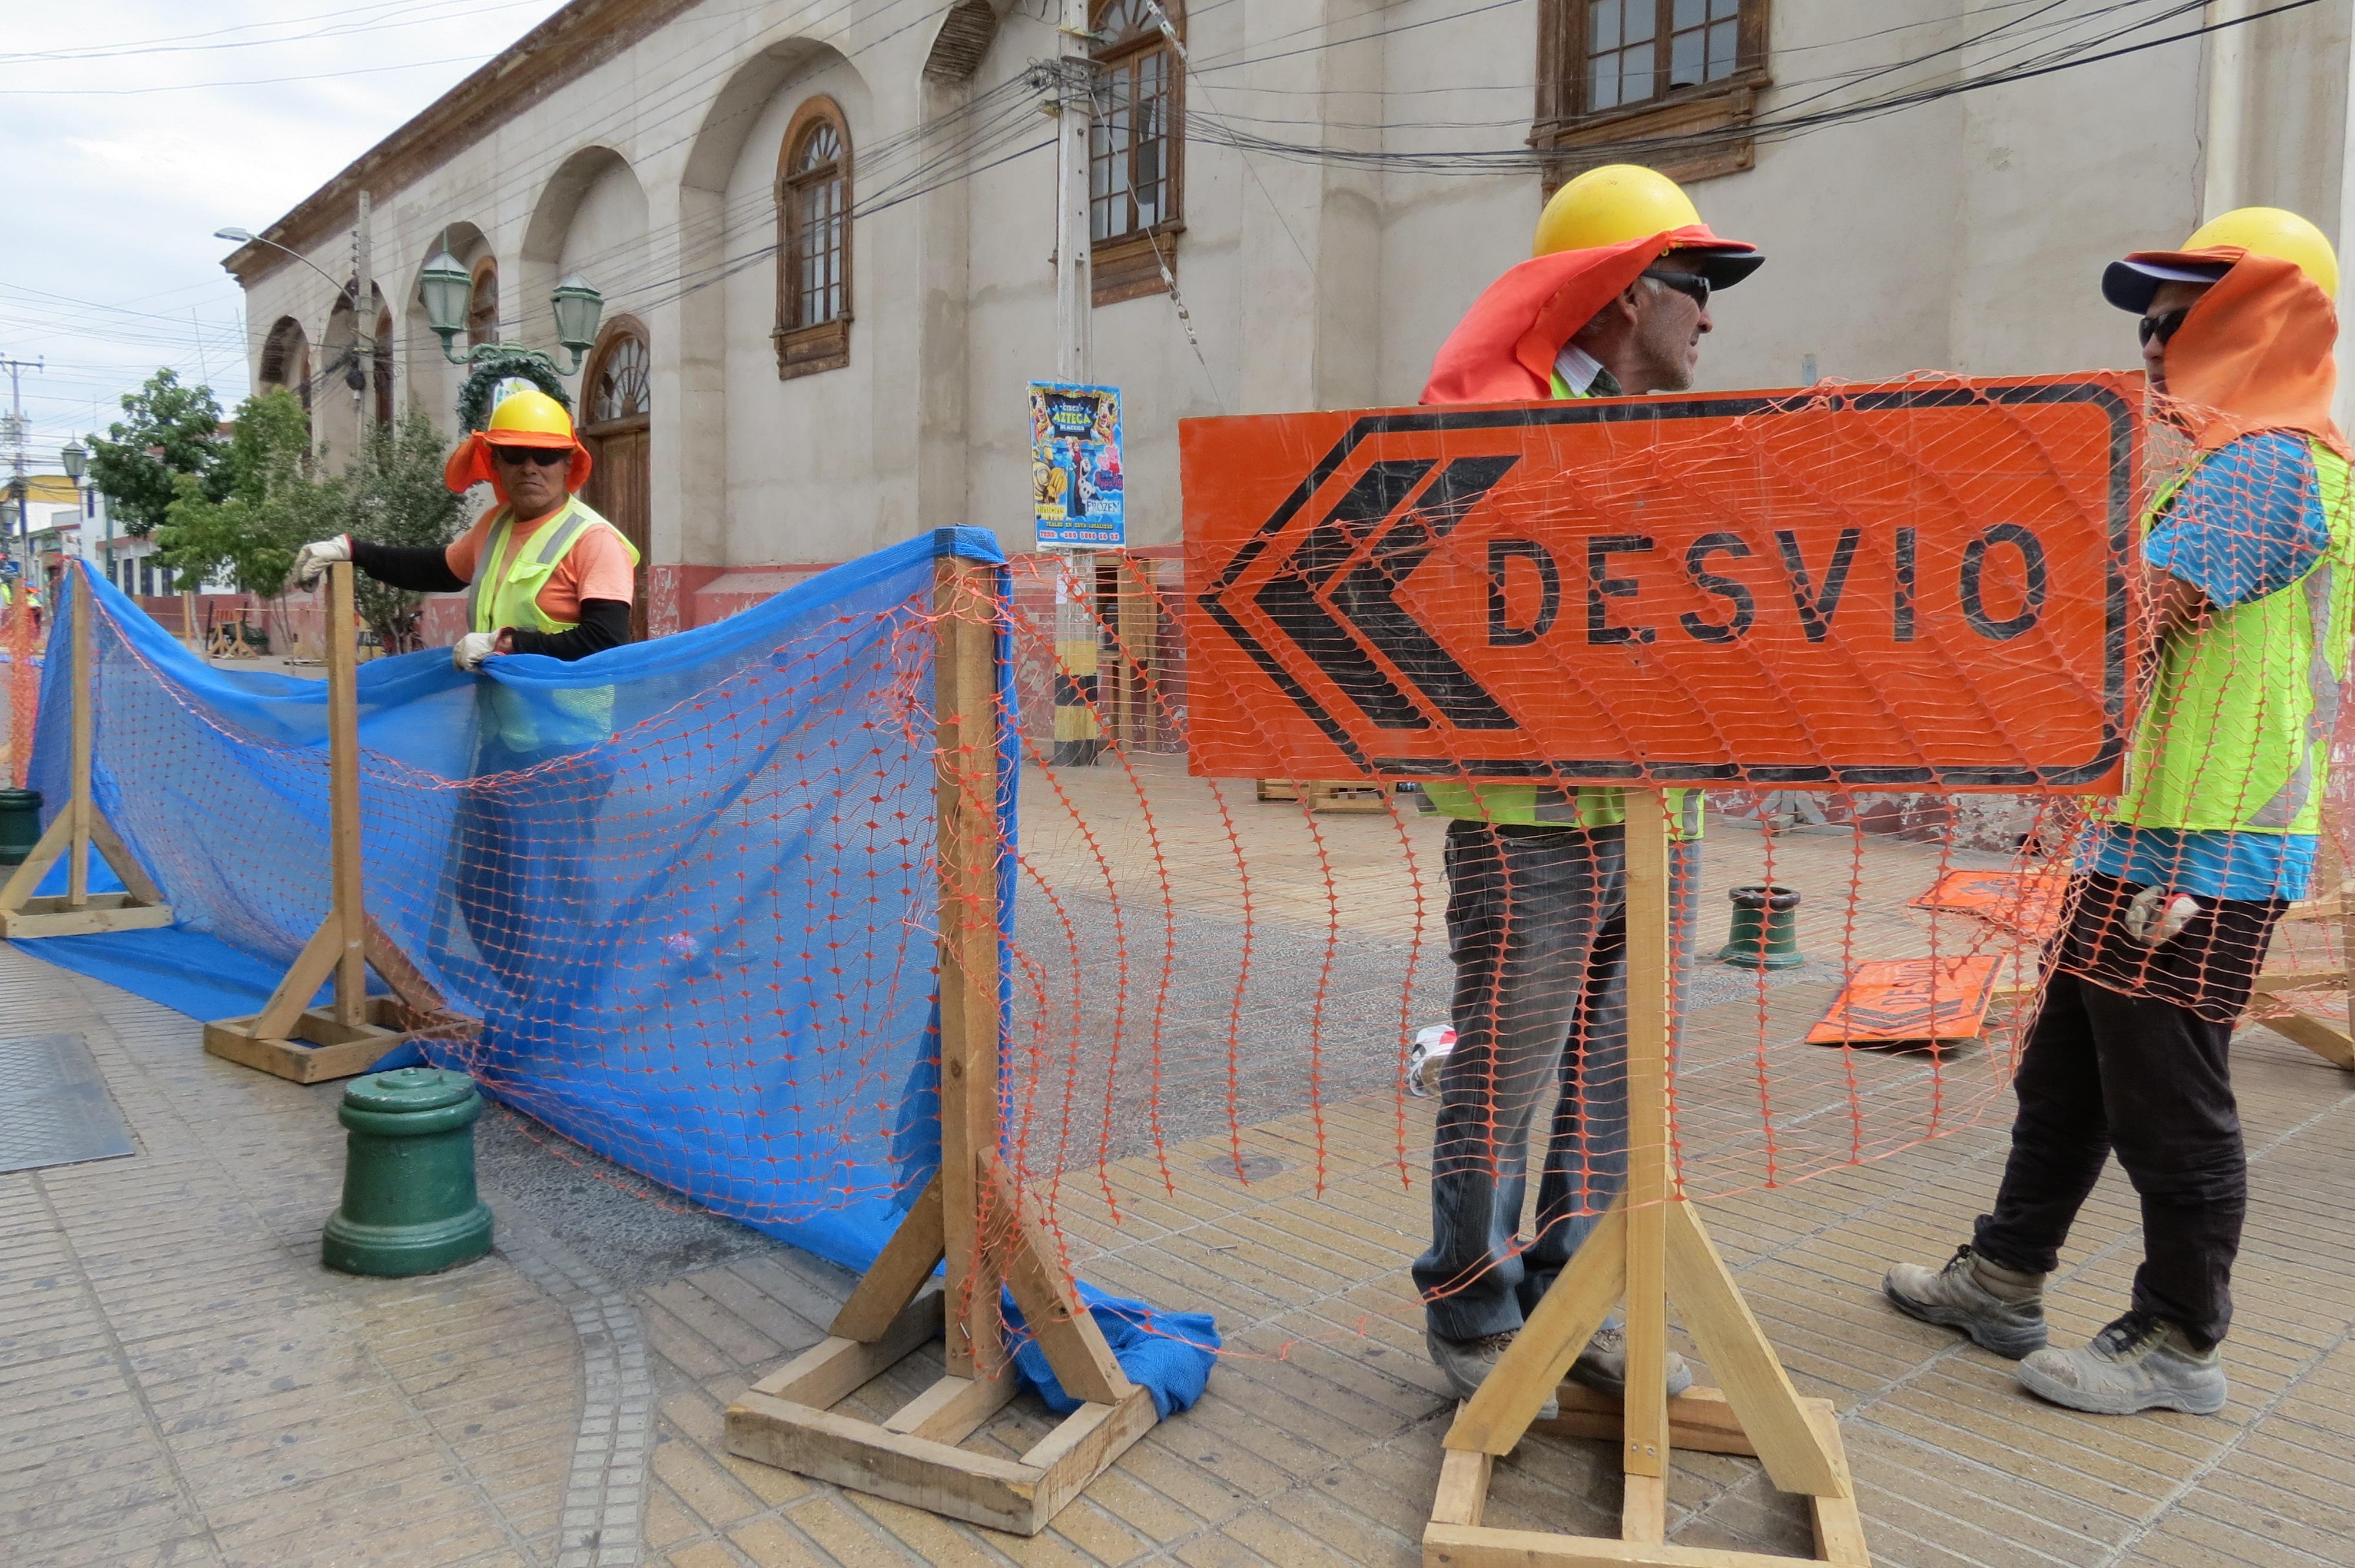 Continúan cortes de tránsito por arreglo de veredas en mal estado en Vallenar